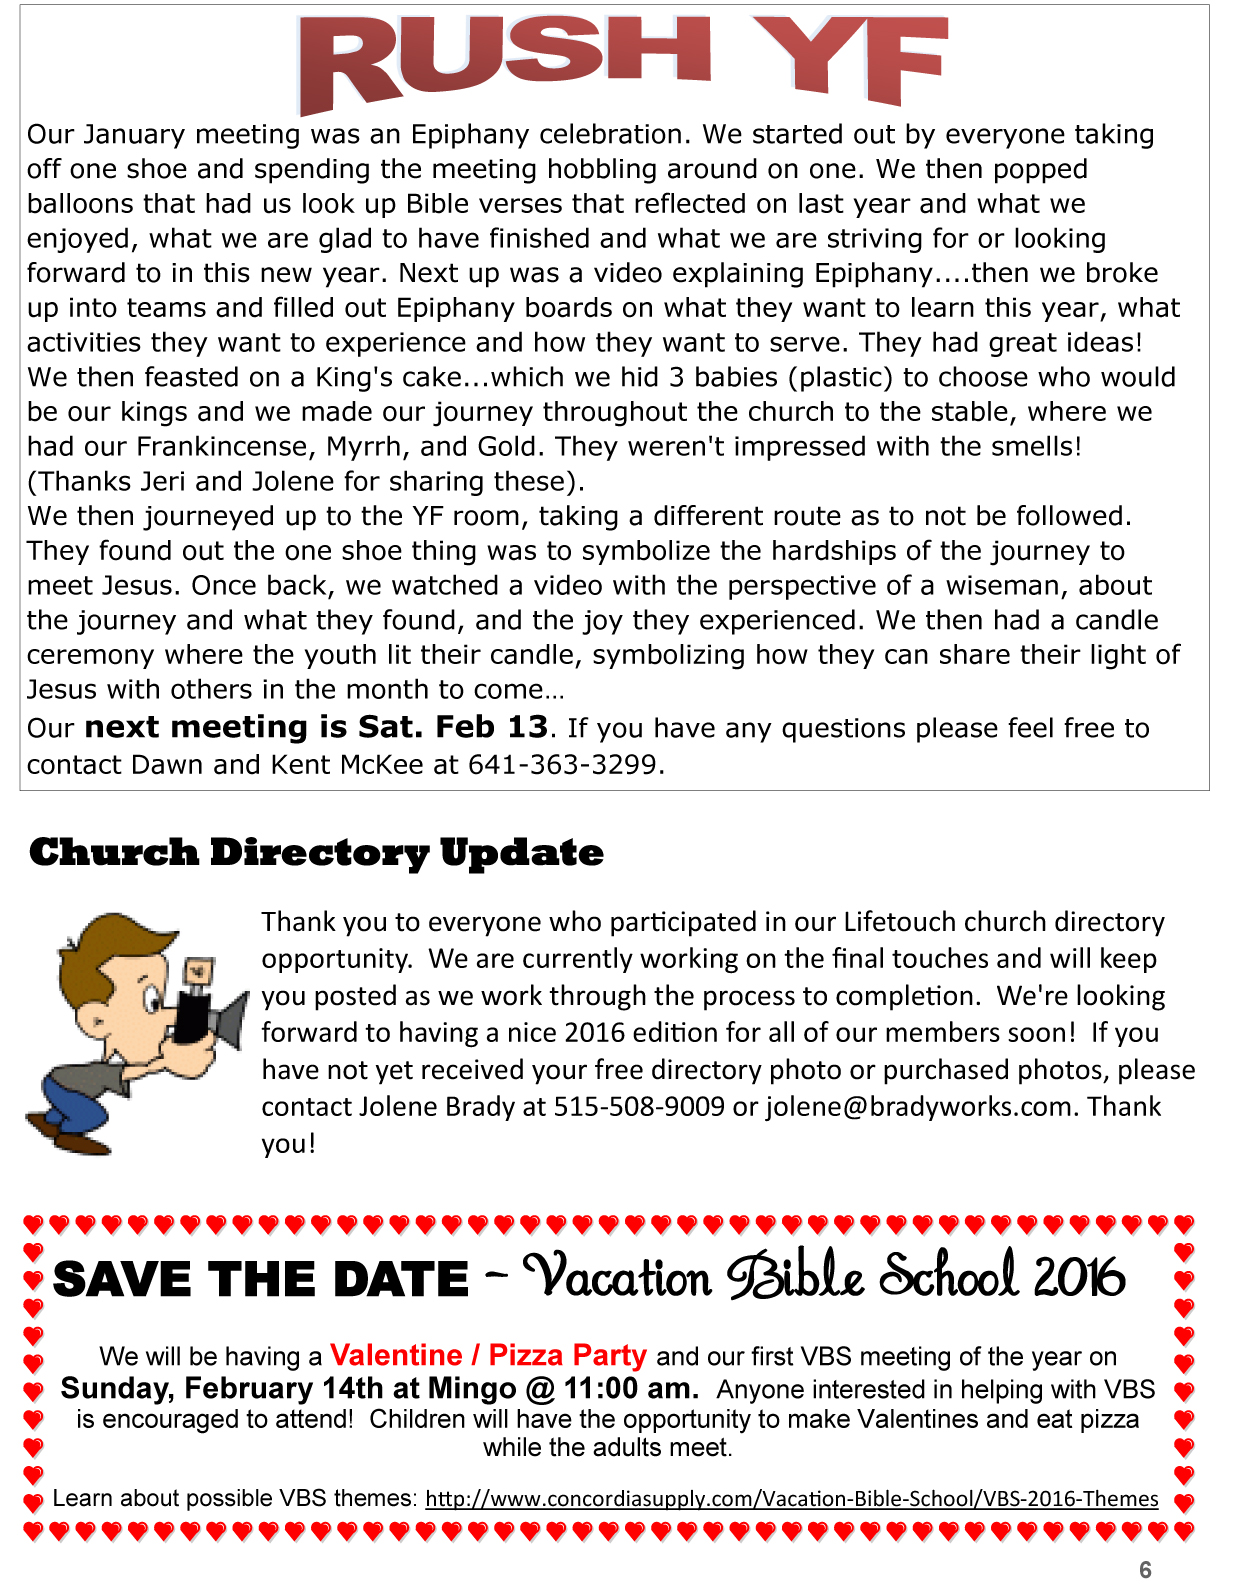 Farrar_Mingo_Newsletter_FEB2016-6